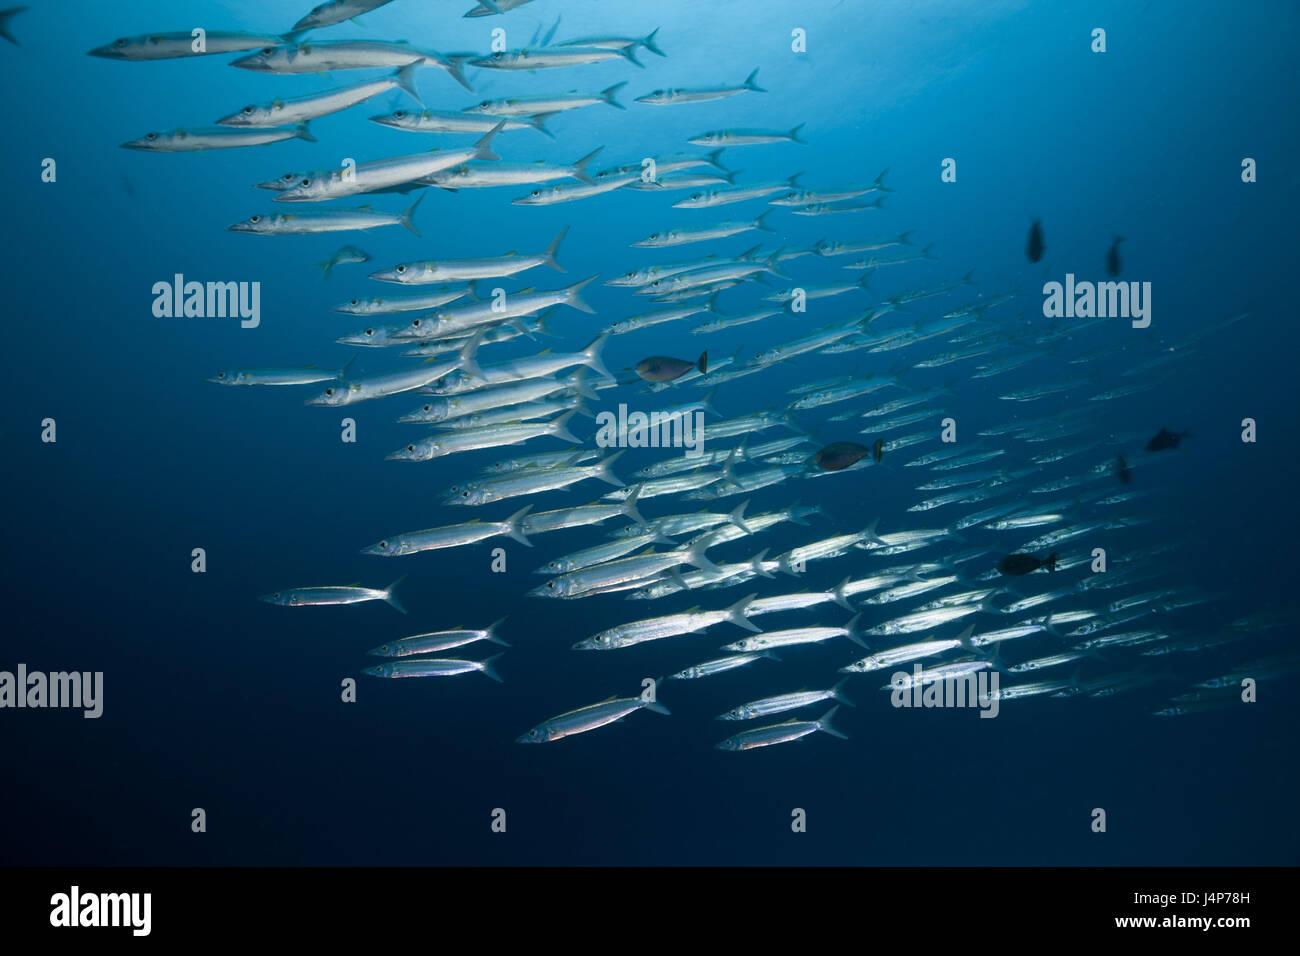 Unterwasser-Aufnahme, Fisch-Traum, gelben Schweif Barrakudas, größten Flavicauda, Stockbild